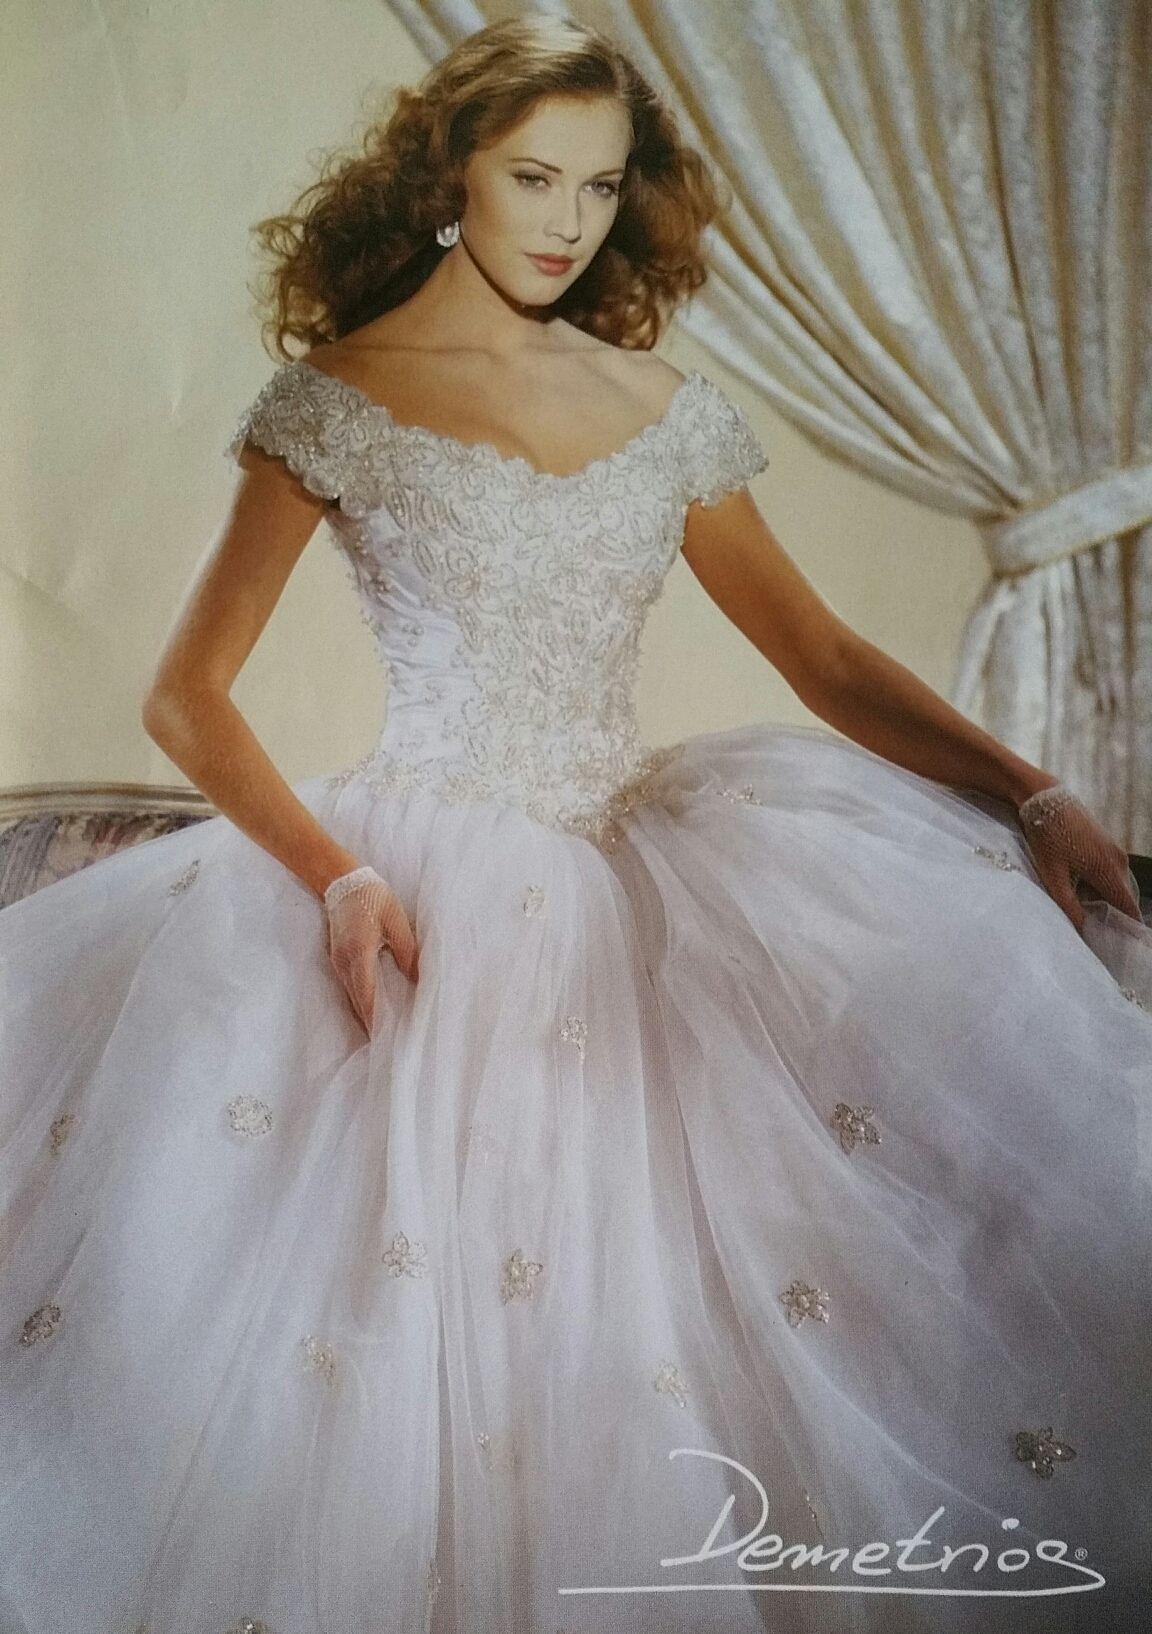 Demetrios married in style ii pinterest